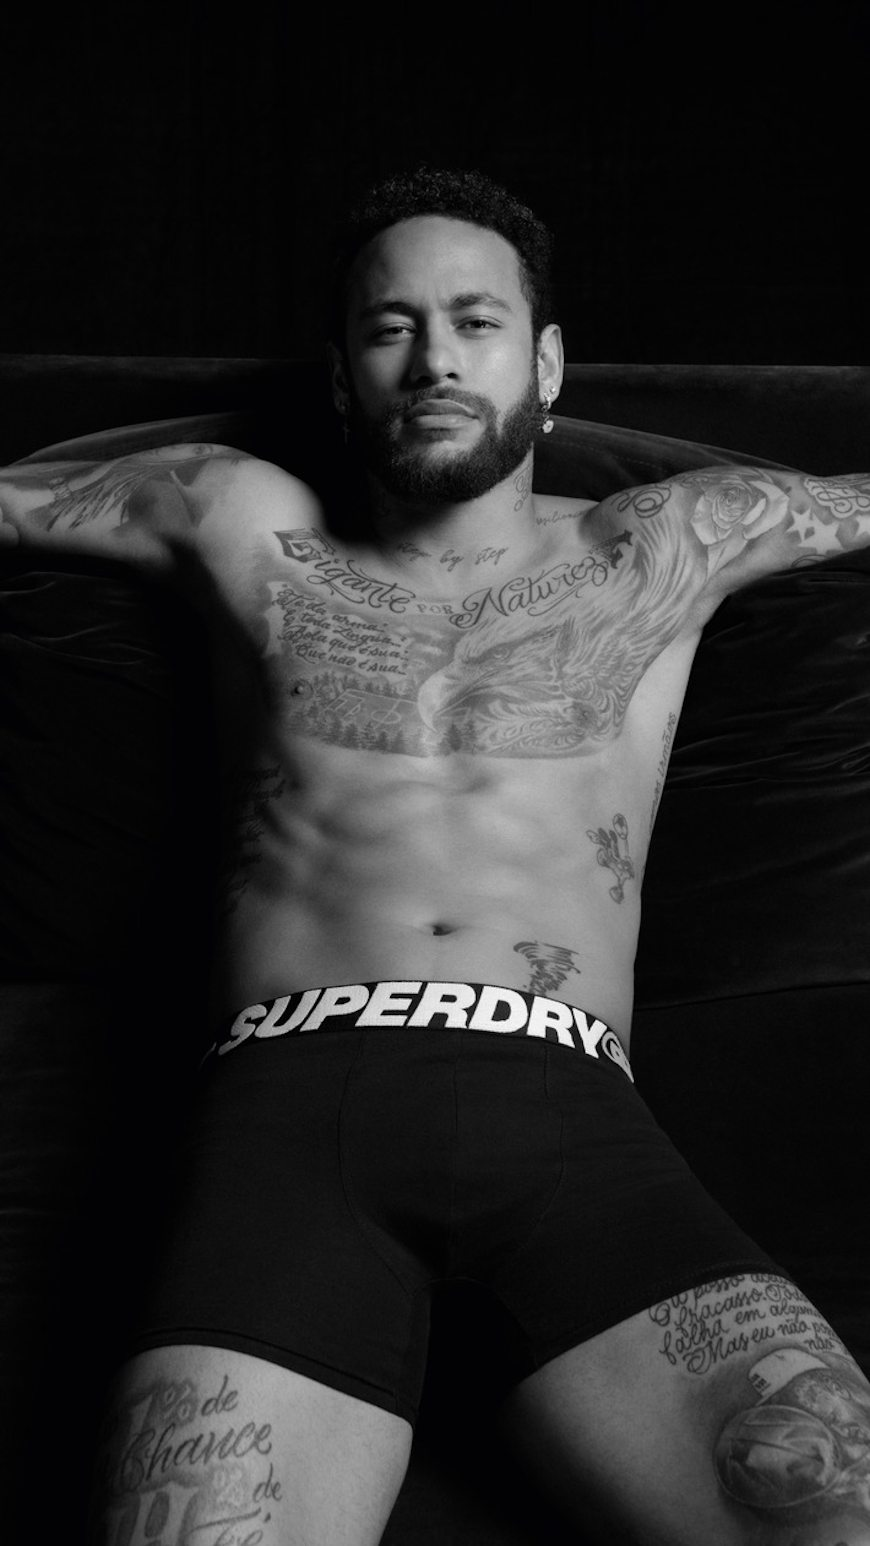 Neymar Jr. wirbt für Superdrys Wäschelinie aus 100 % Bio-Baumwolle